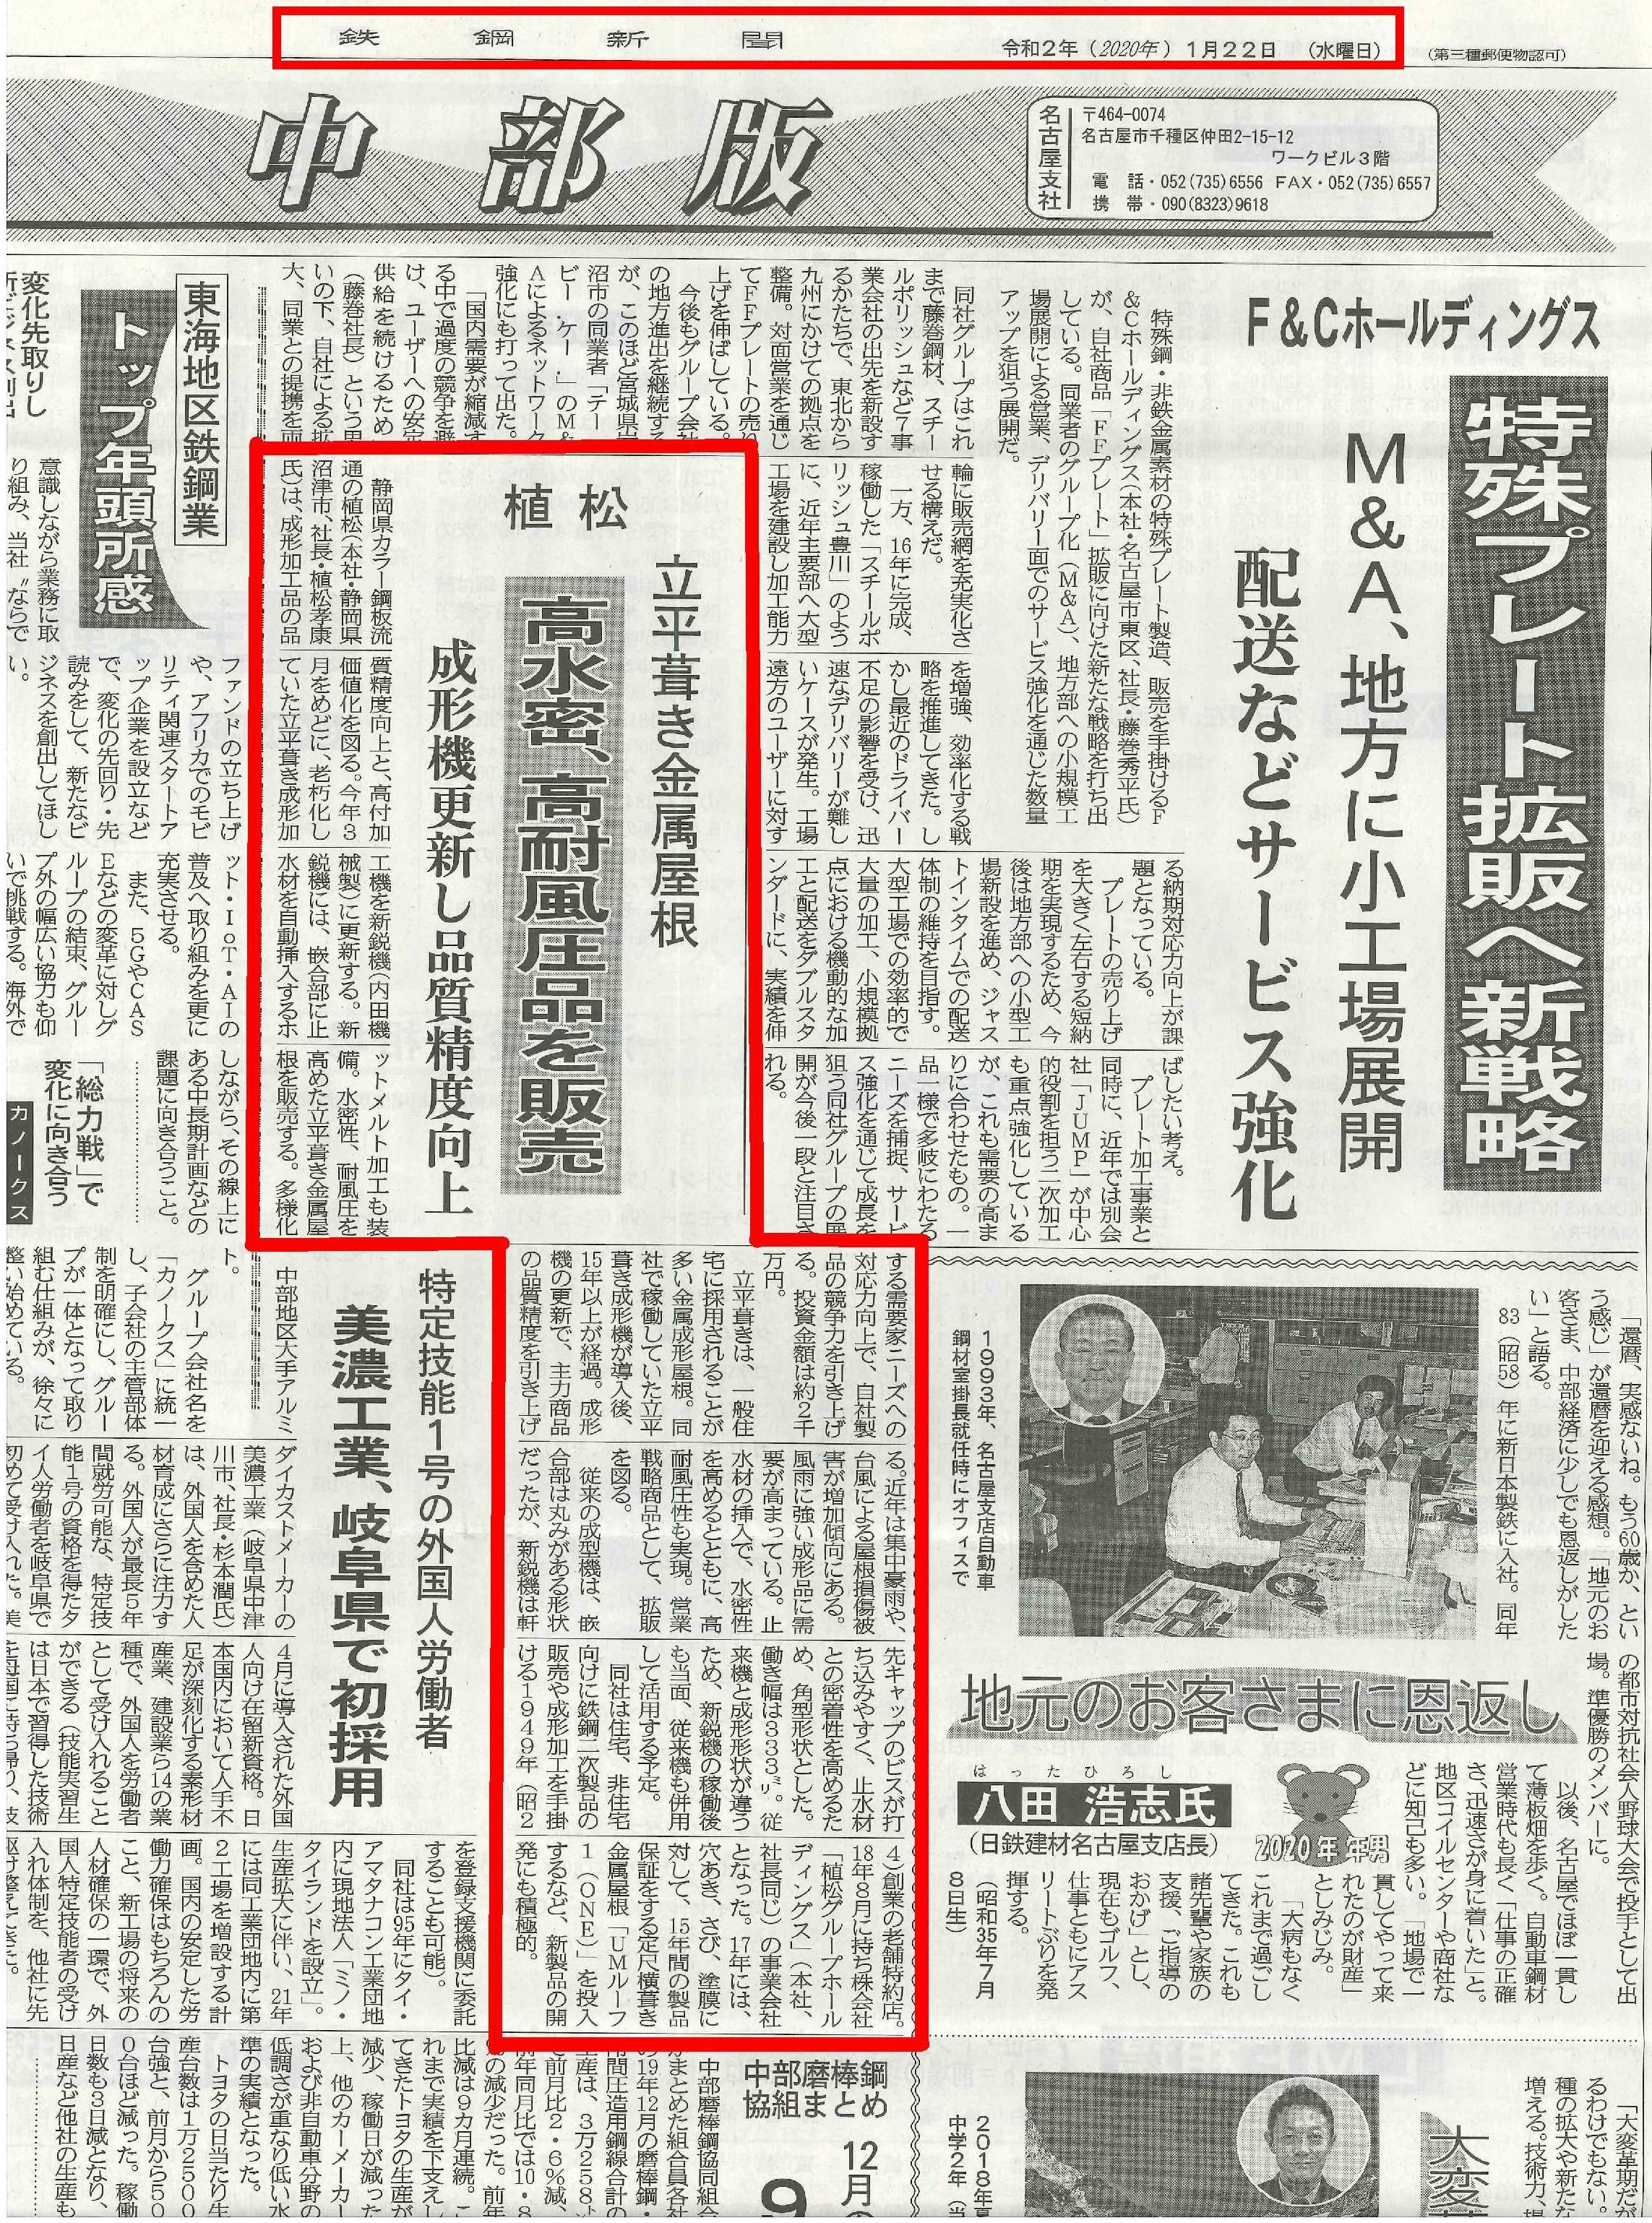 鉄鋼新聞1/22(水)に当社新商品の記事が掲載されました